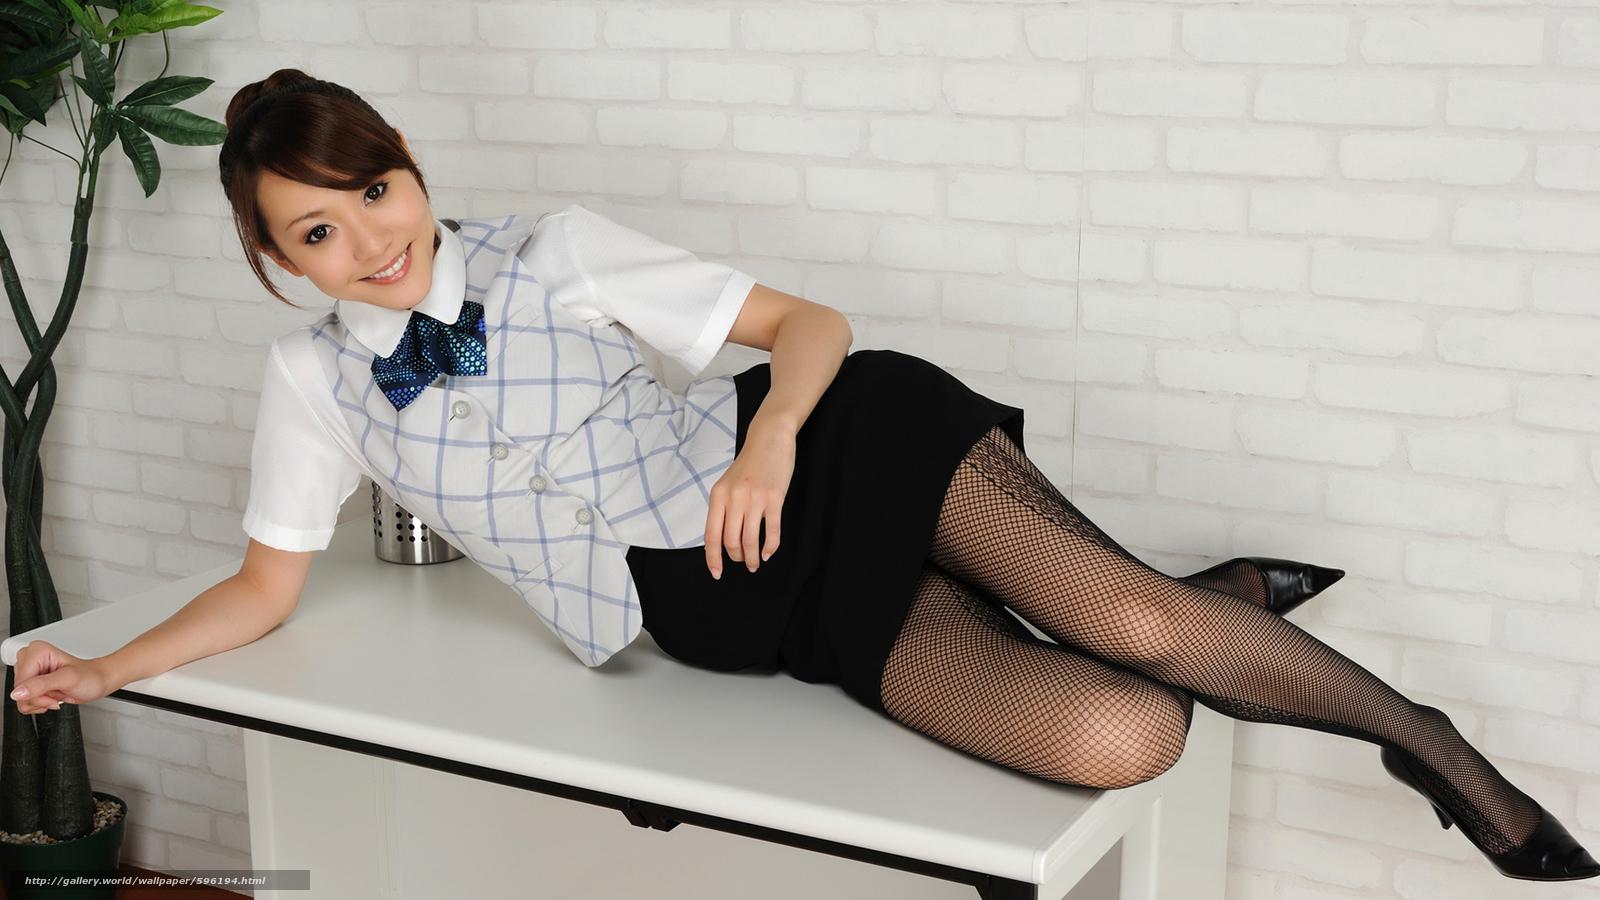 Фото японка в мини юбке 10 фотография